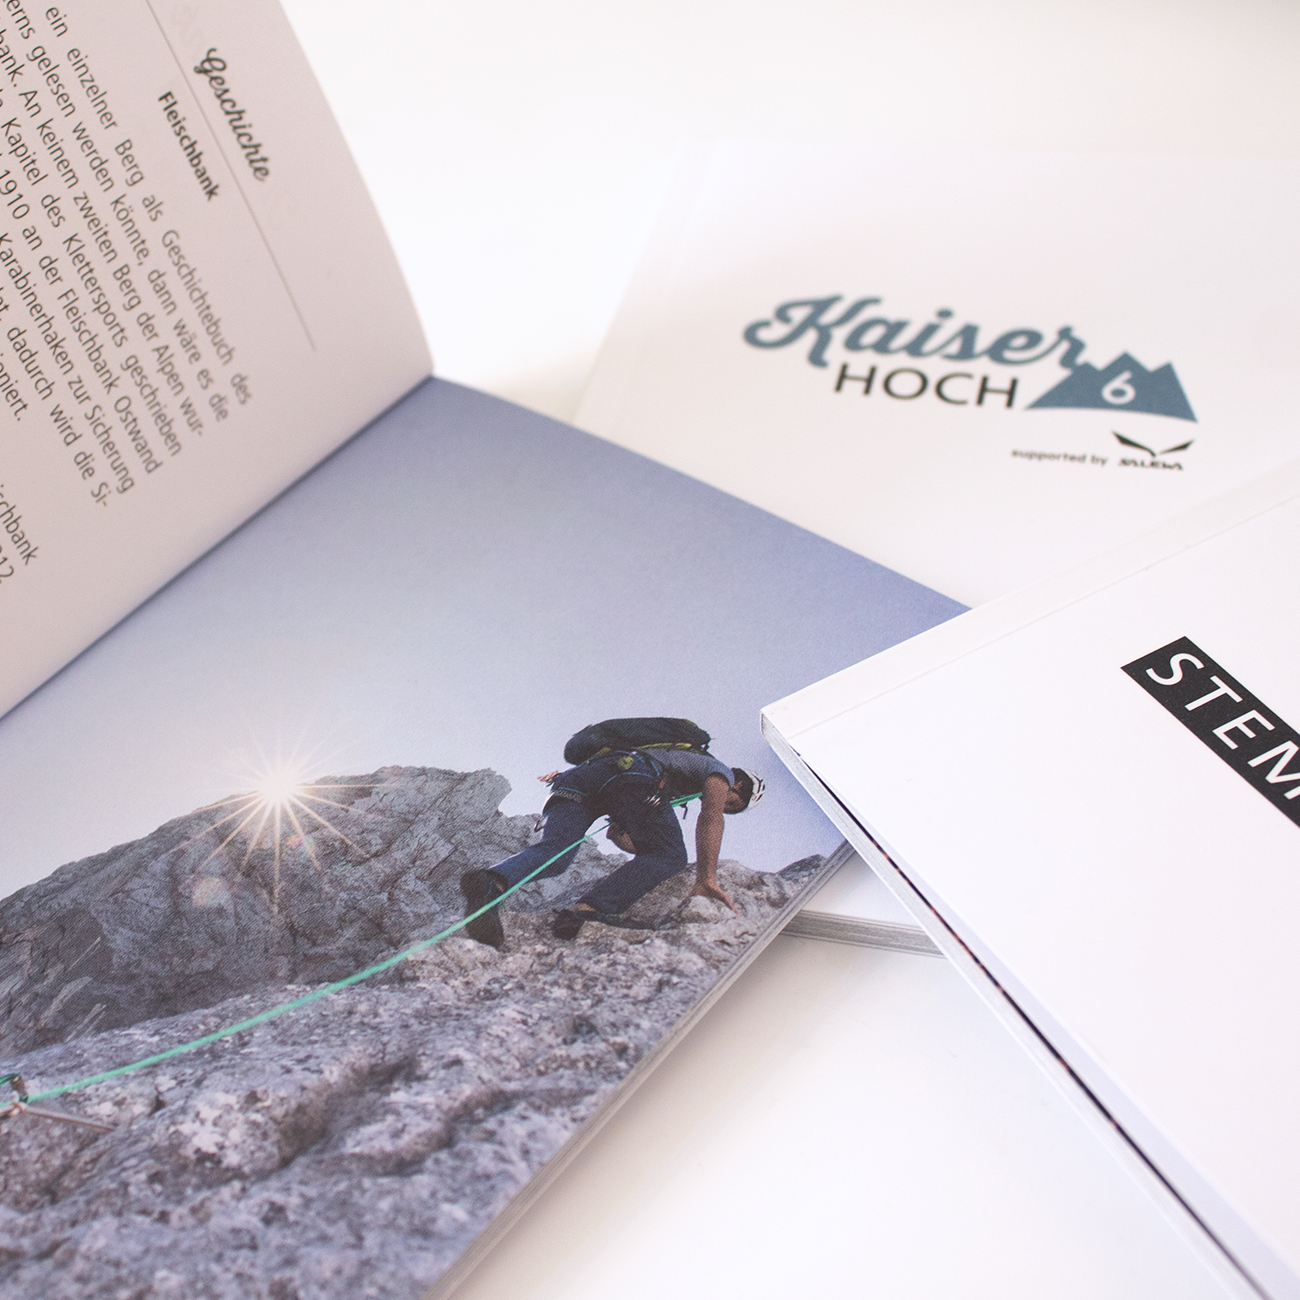 Die Kitzbüheler Bergführer - Kaiser Hoch 6 Stempelpass